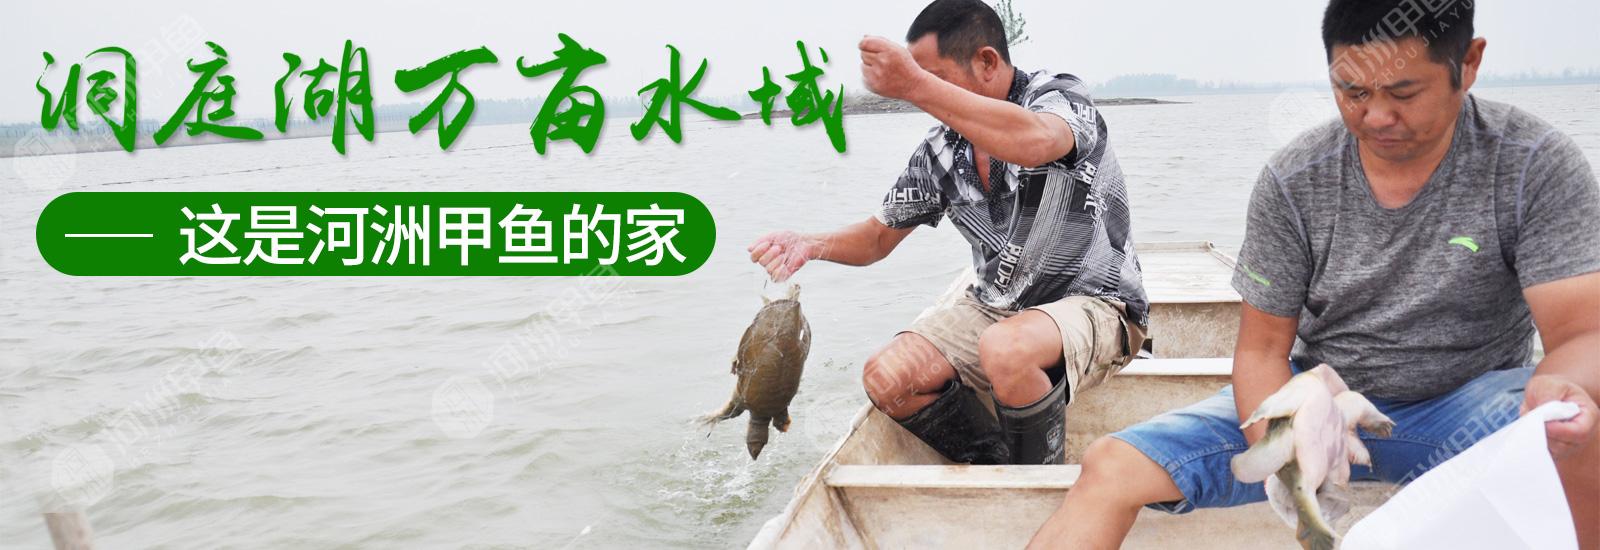 甲鱼是如何孵化的,甲鱼孵化步骤总结[今日资讯]